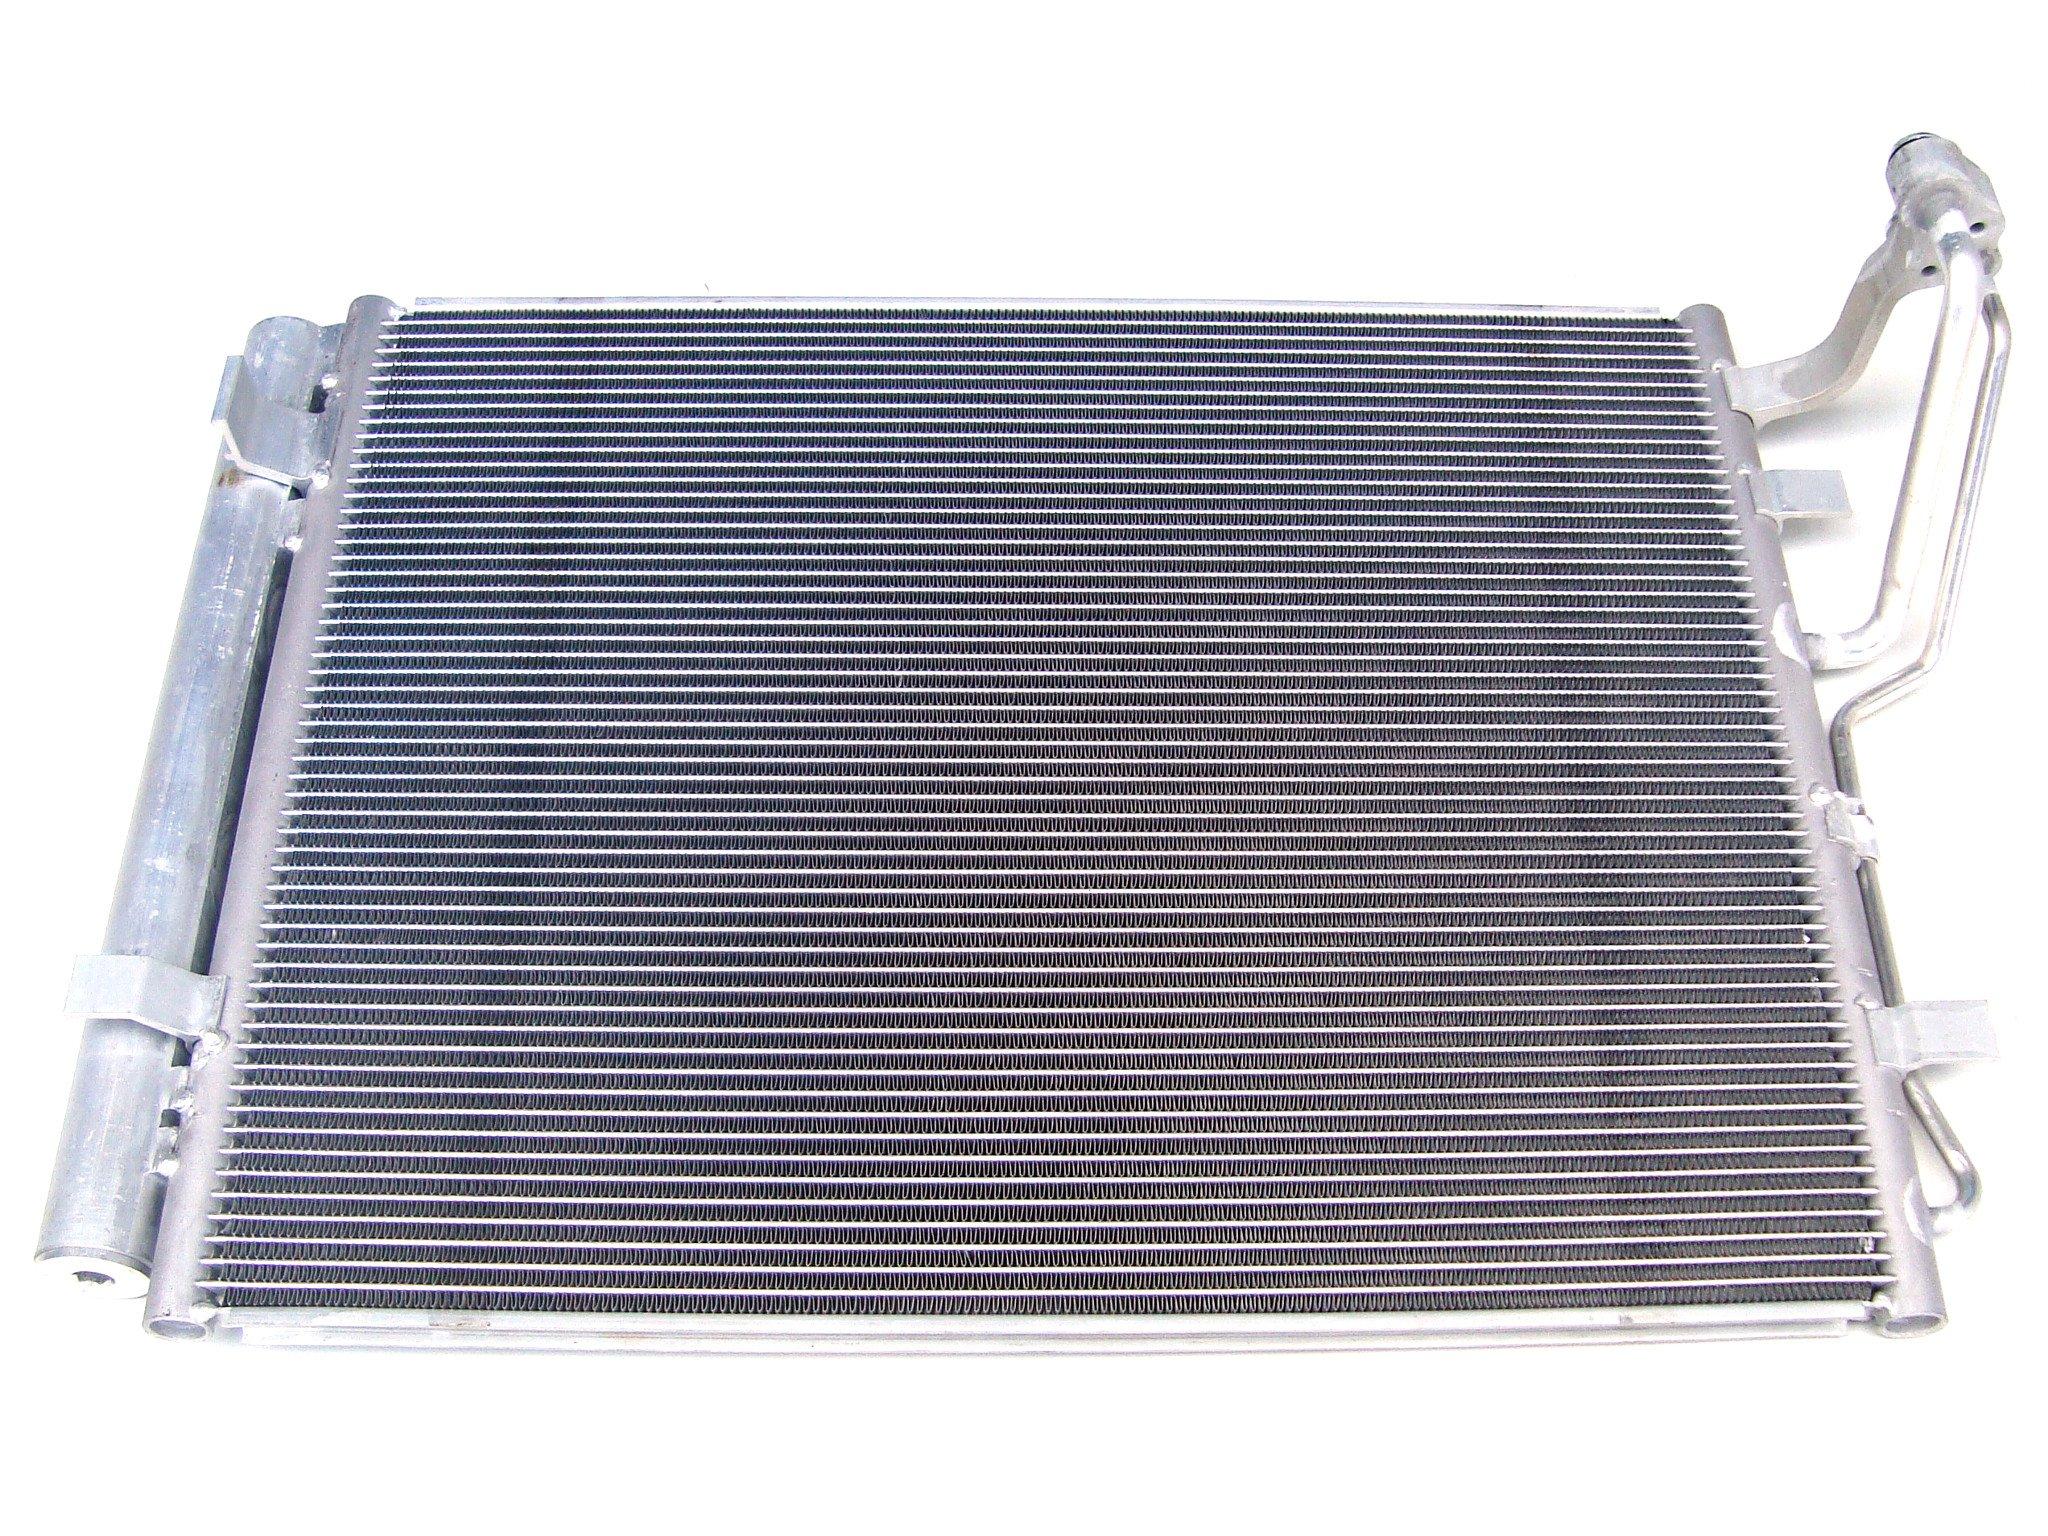 радиатор кондиционирования воздуха kia ceed hyundai i30 07-